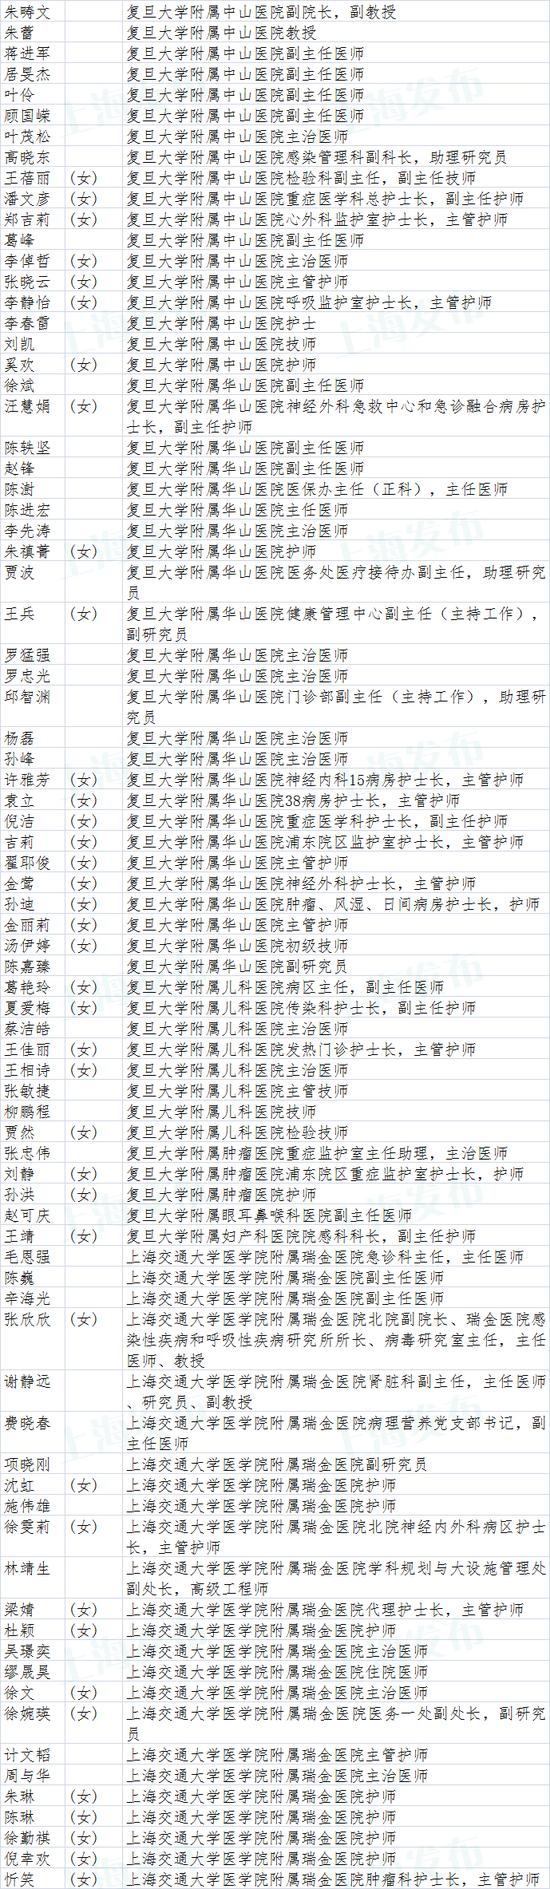 上海市抗击新冠肺炎疫情表彰拟表彰对象名单公示图片